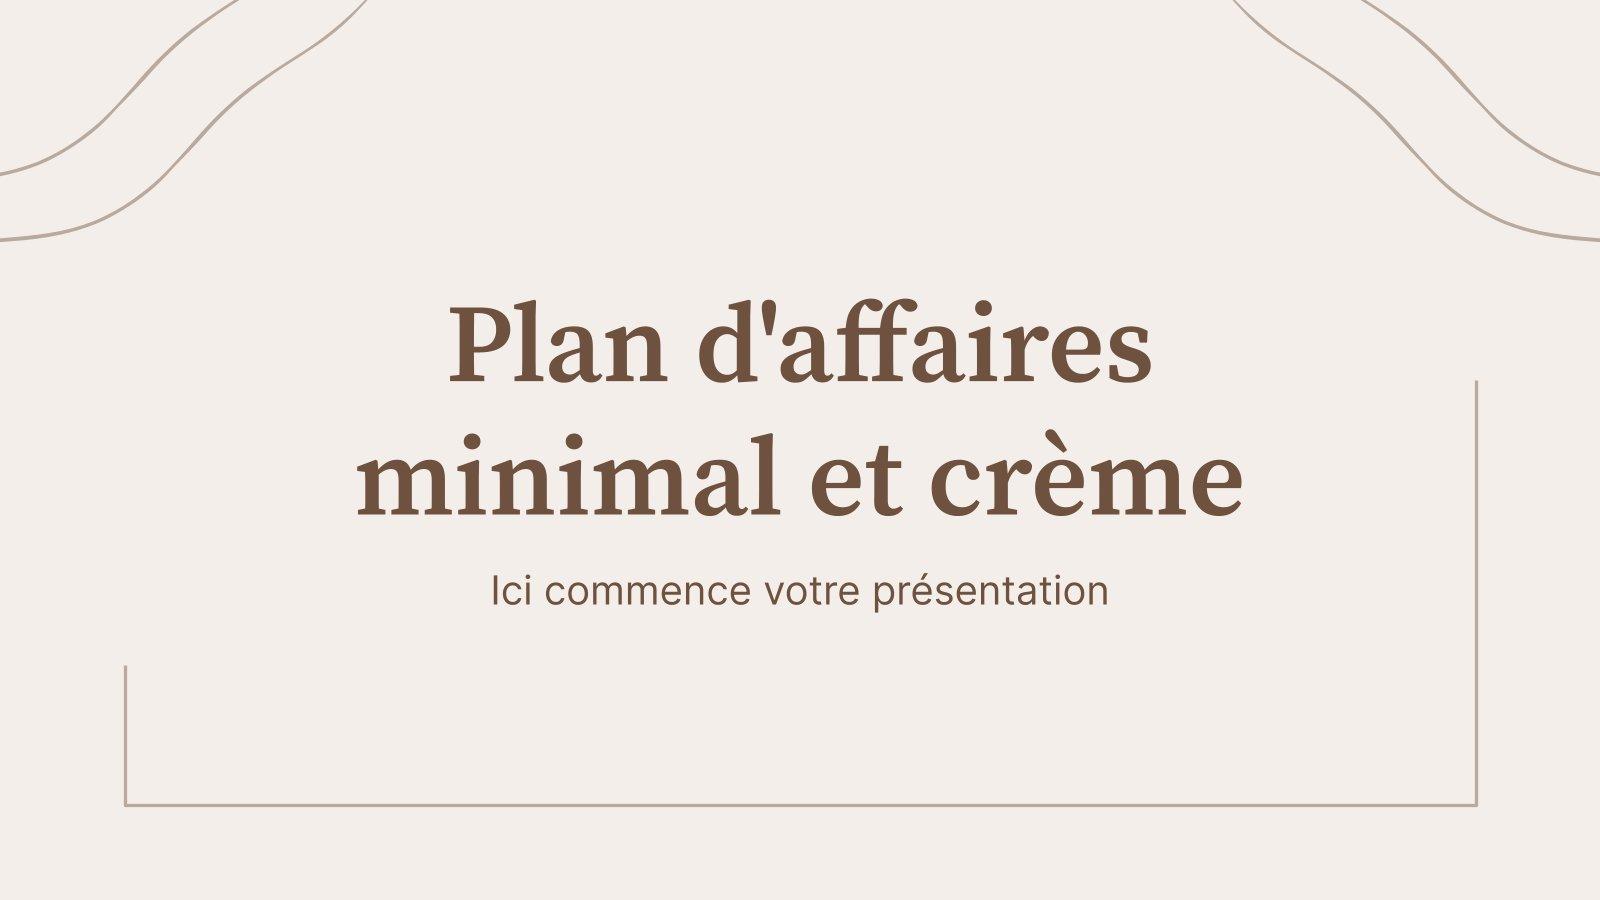 Plan d'affaires minimal et crème : Modèles de présentation